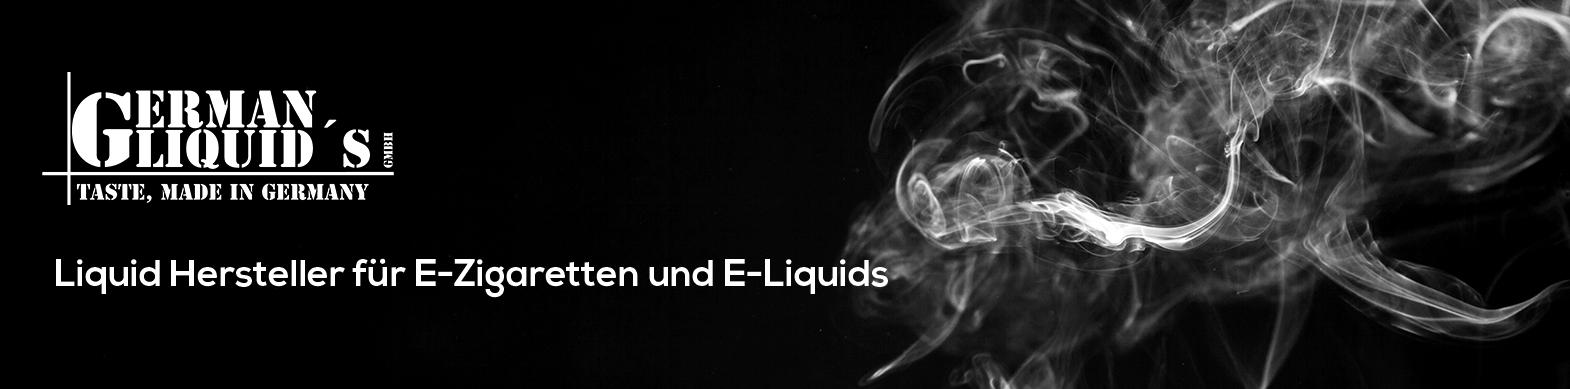 Germanliquids-Slider-Webseiteneu1